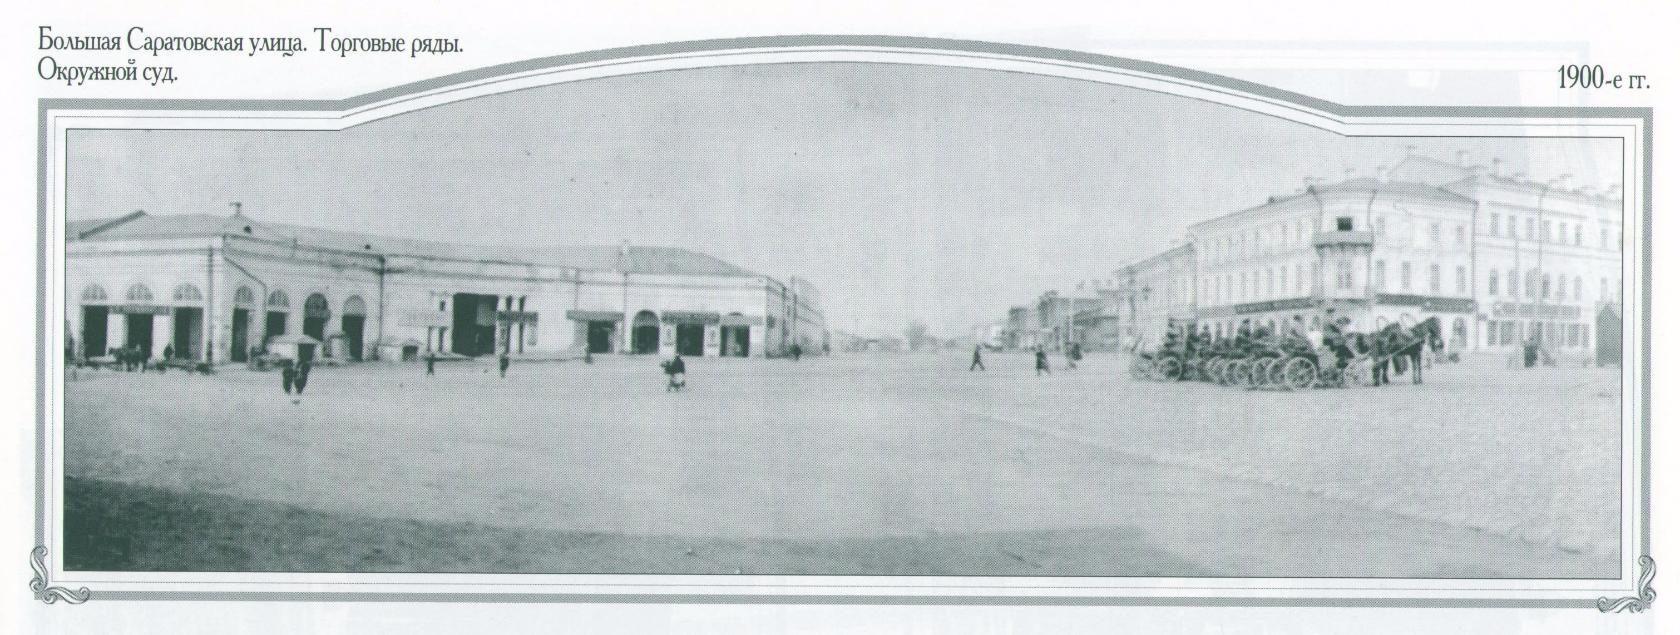 Большая Саратовская улица. Торговые ряды. Окружной суд